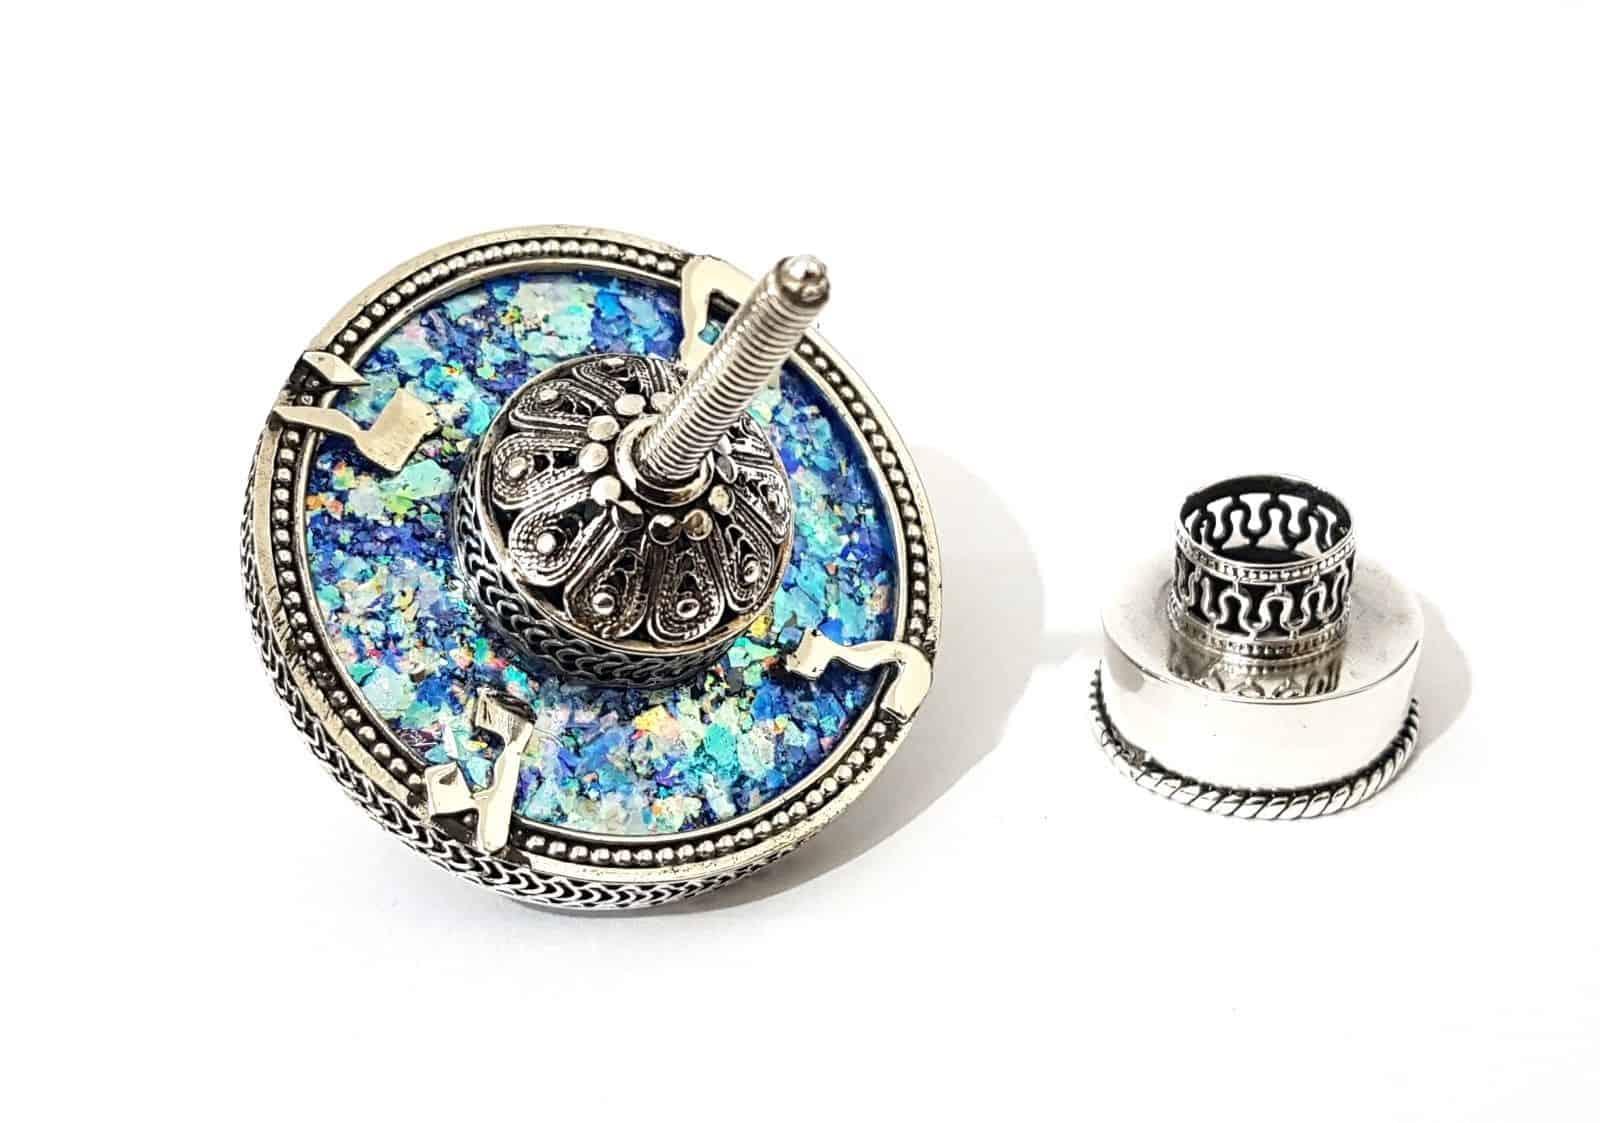 Plata esterlina 925 Hanukkah Dreidel Artesanal filigrana de cristal romano